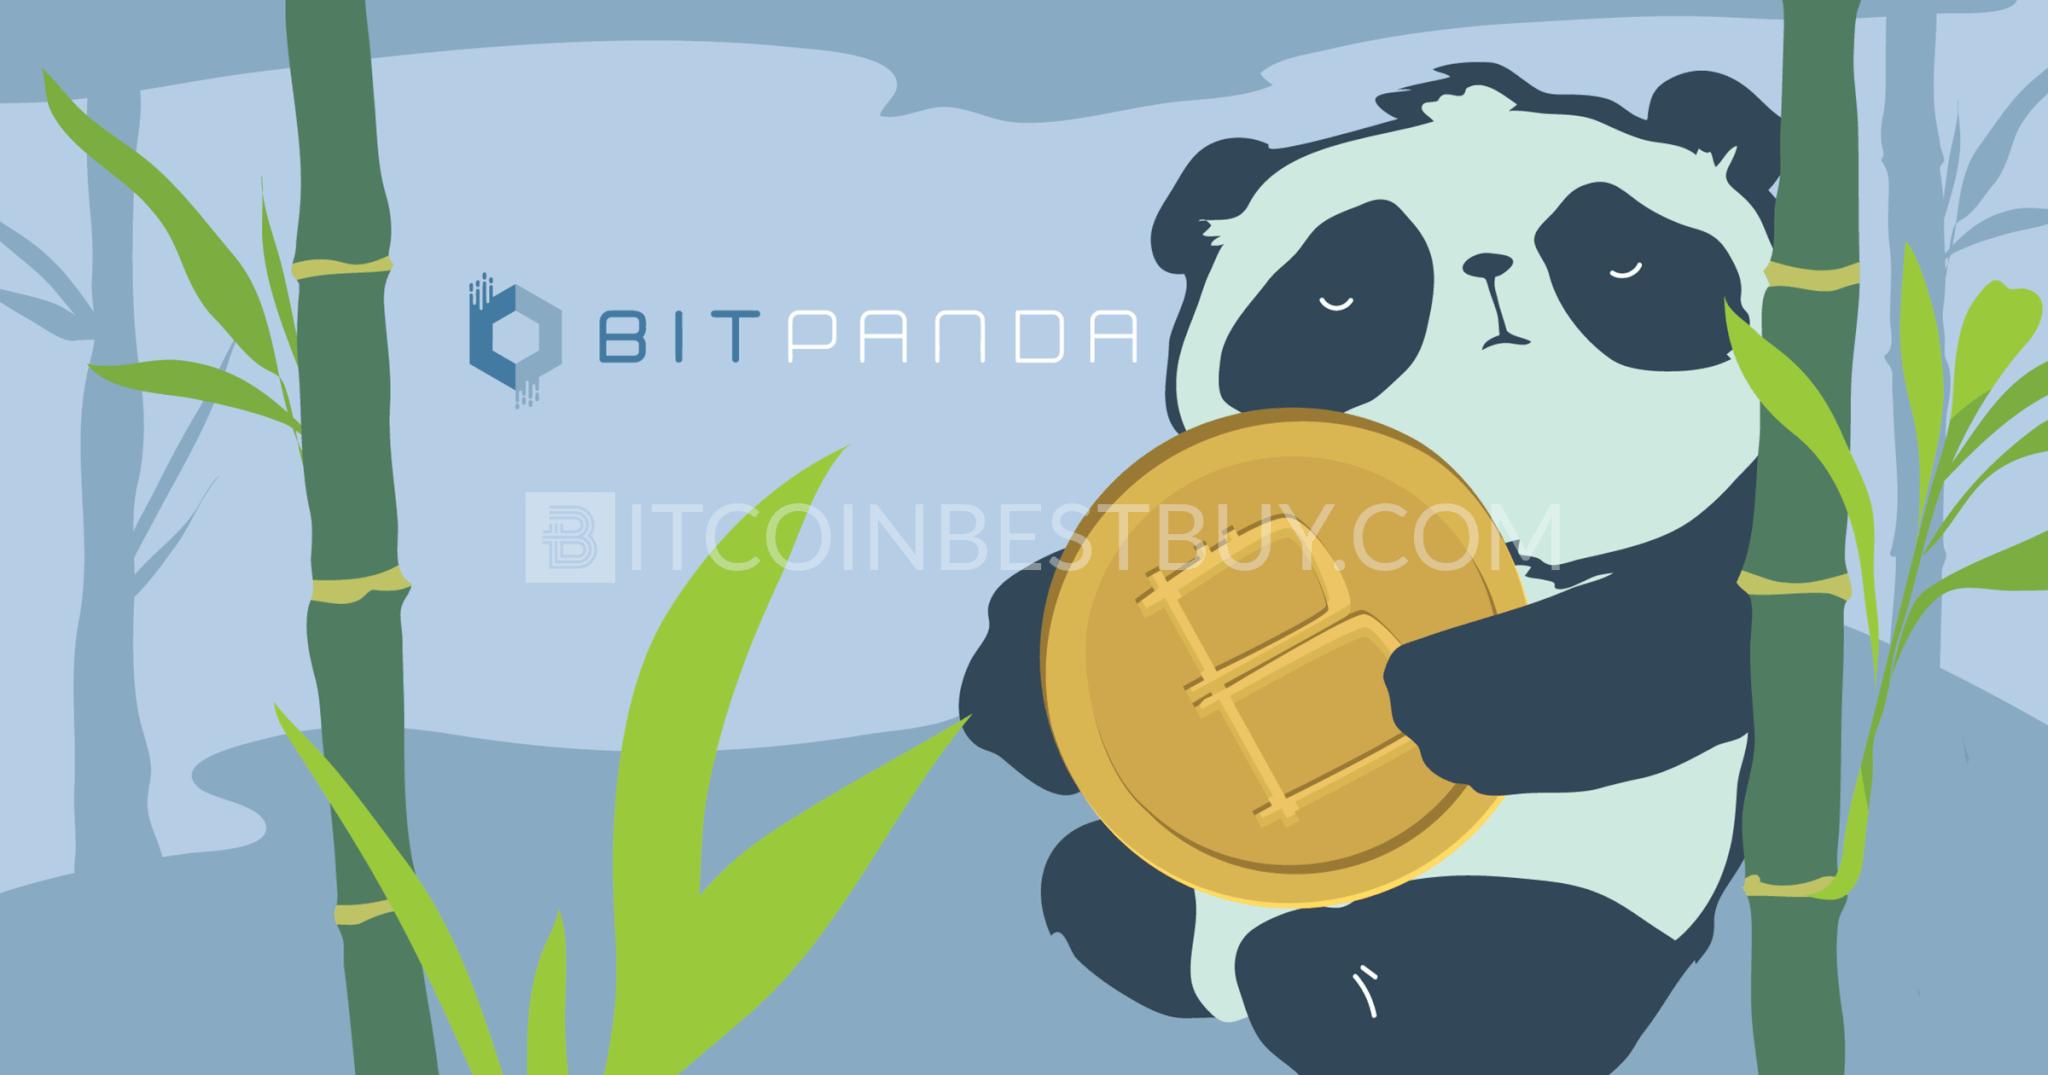 Bitpanda Alternative